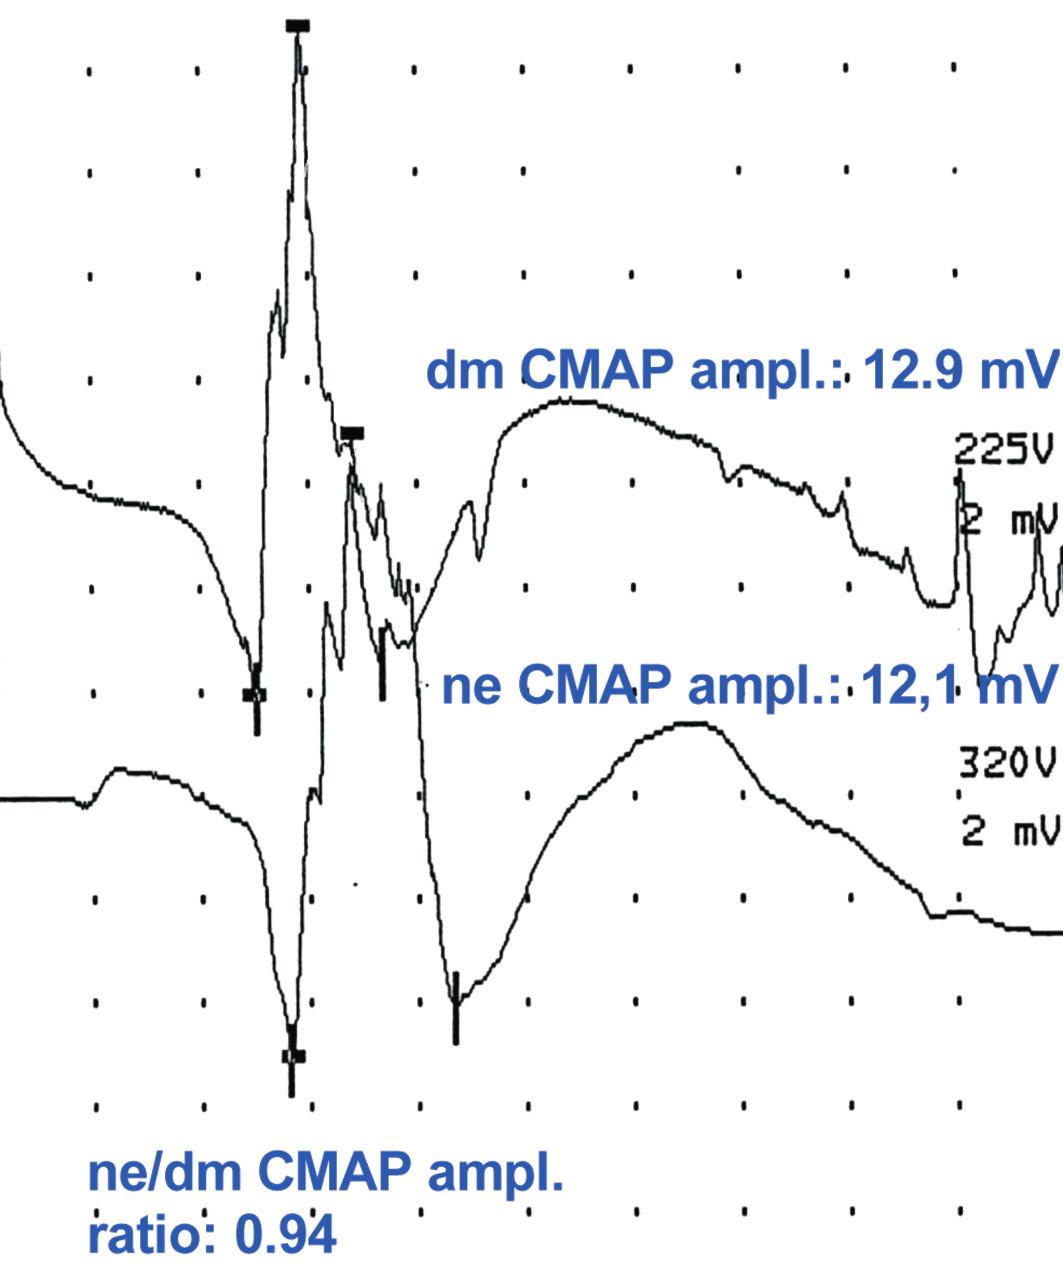 Obr. 2c ukazuje normální amplitudu dmCMAP a neCMAP, poměr ne/dmCMAP kolem 1,0, což odpovídá normálnímu nálezu.